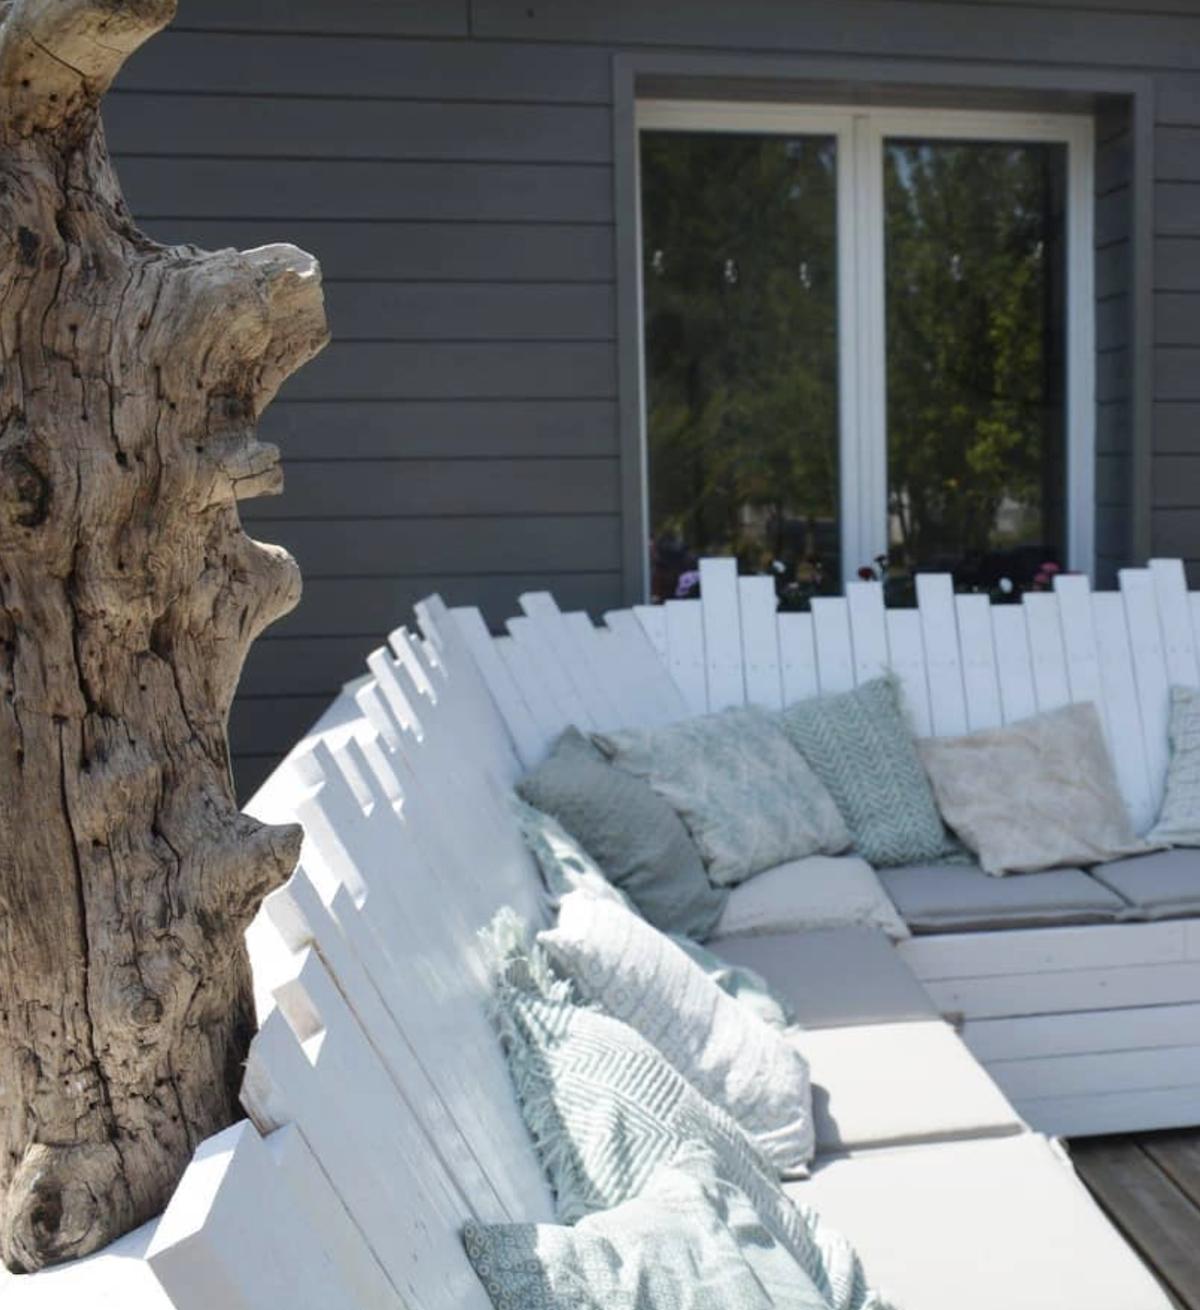 salon de jardin palette blanc coussin terrasse tendance - blog déco - clematc